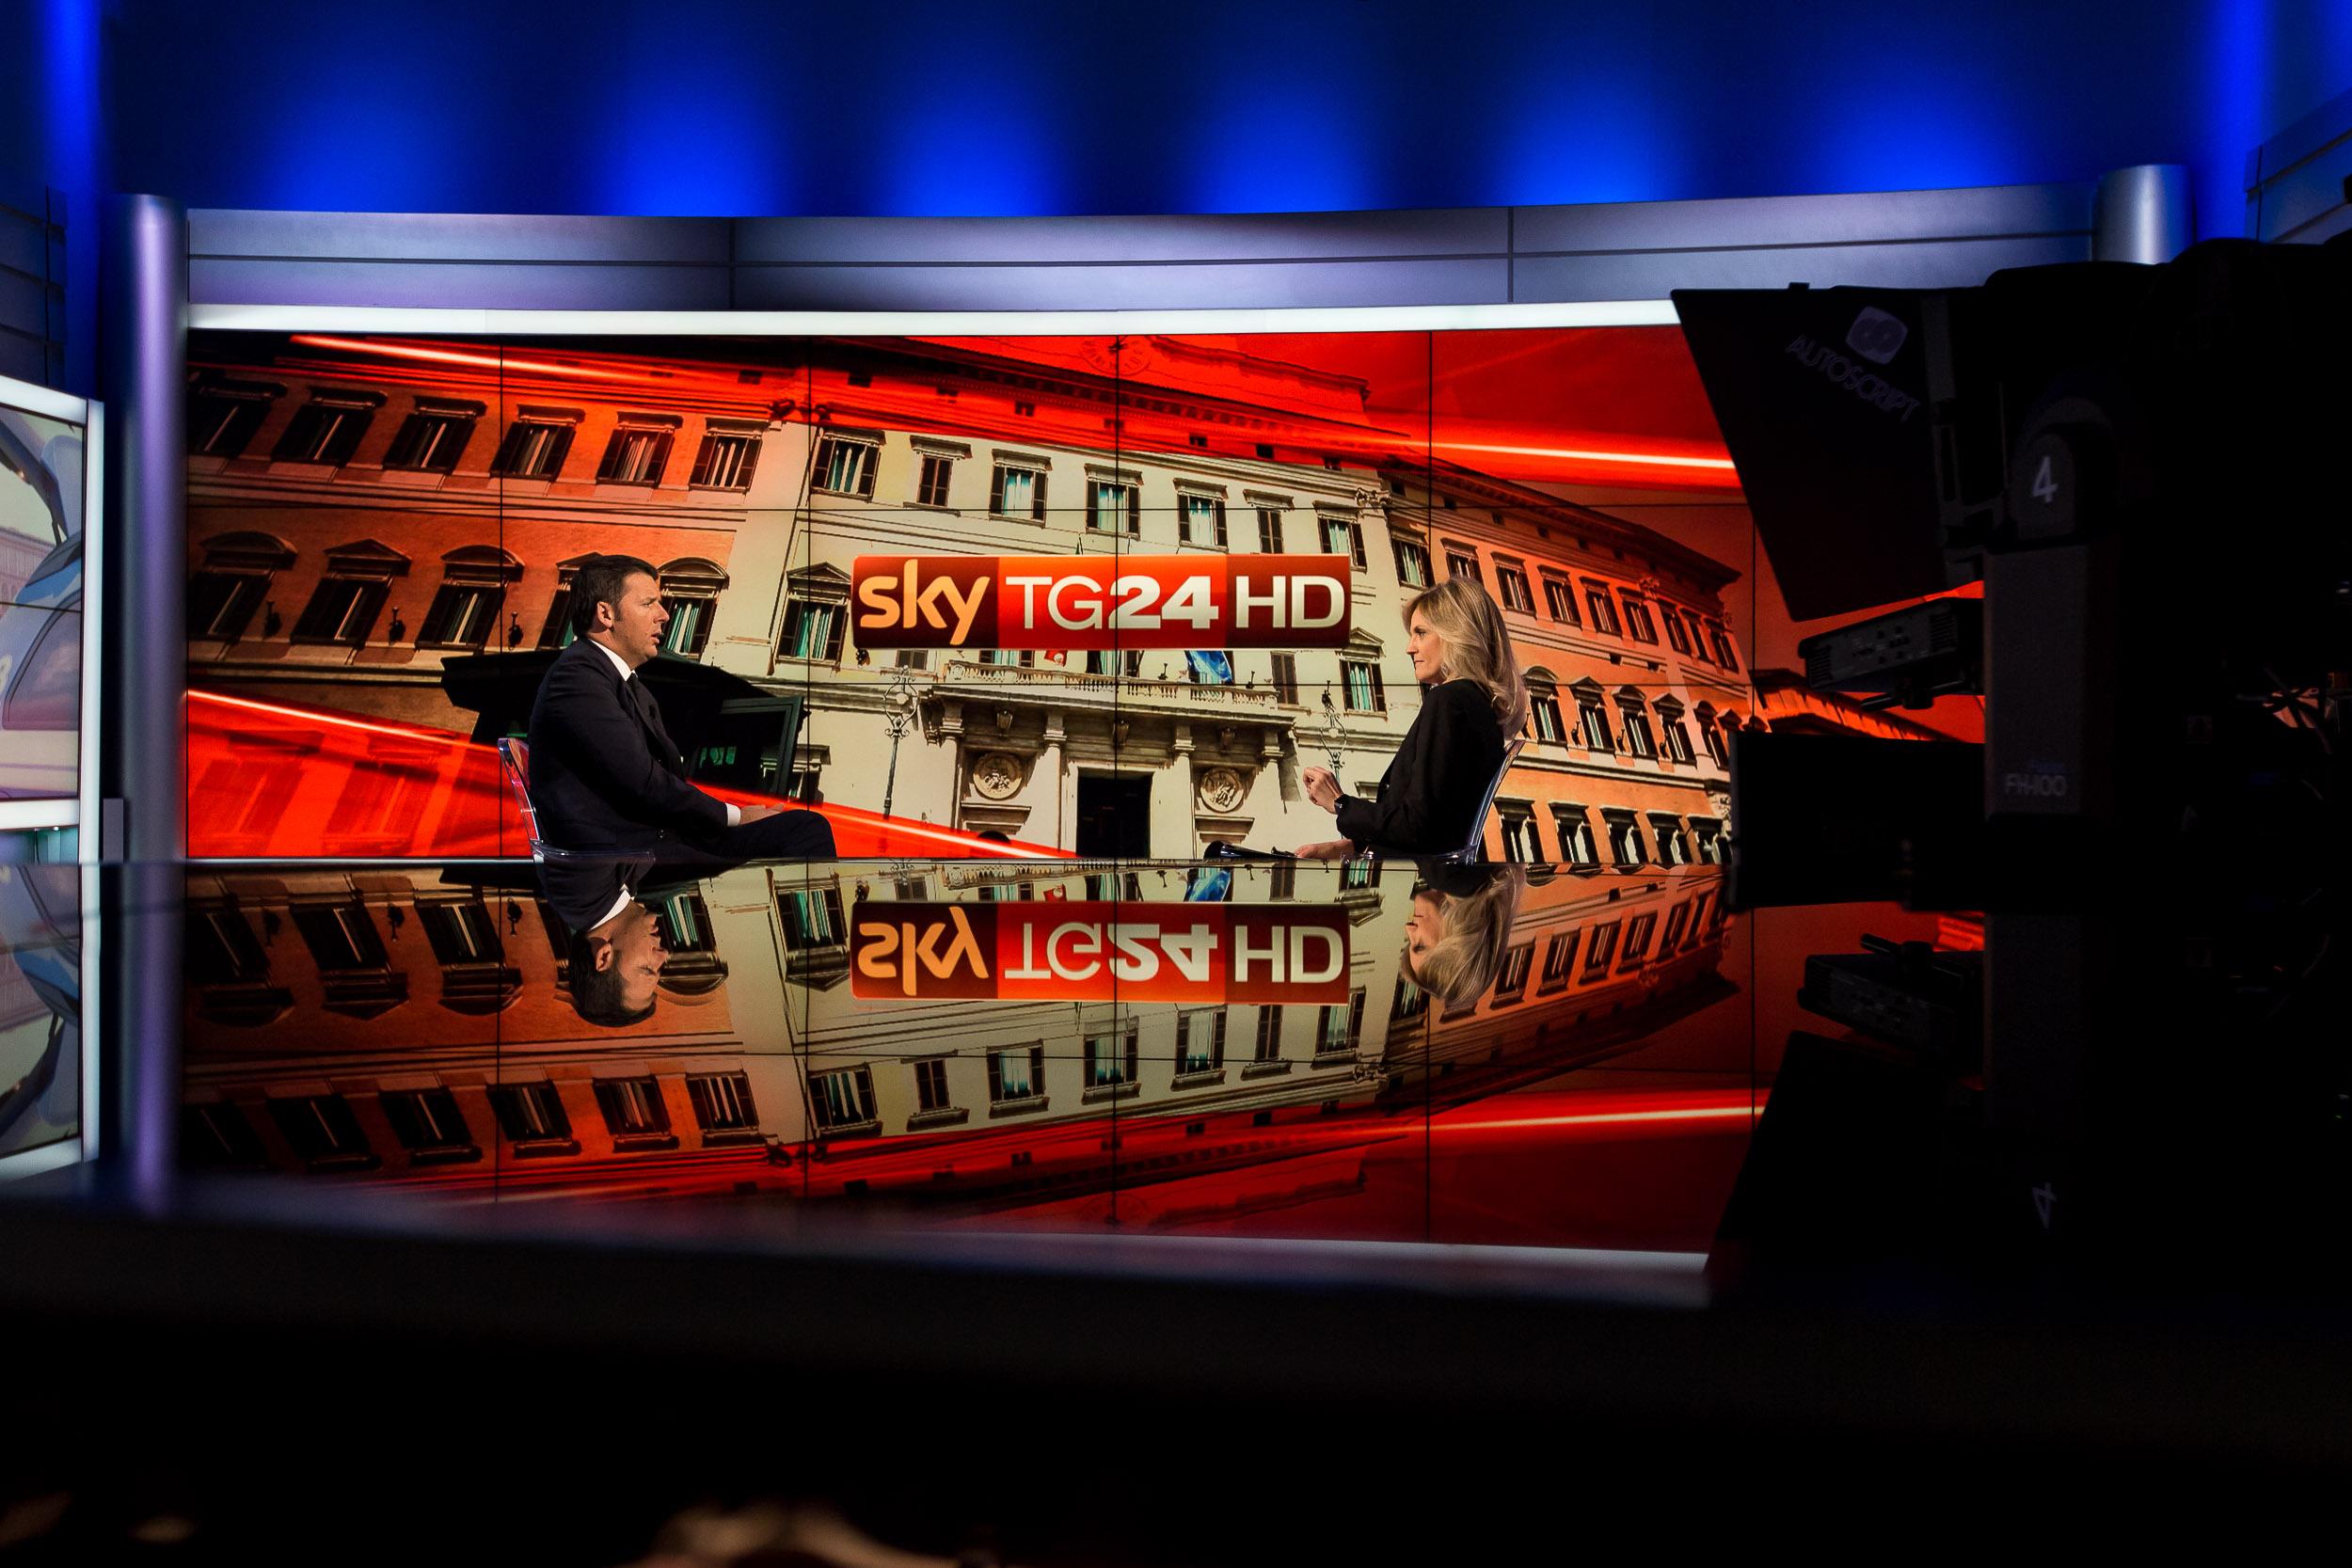 Terrorismo. L'intervista a Renzi su Sky Tg24